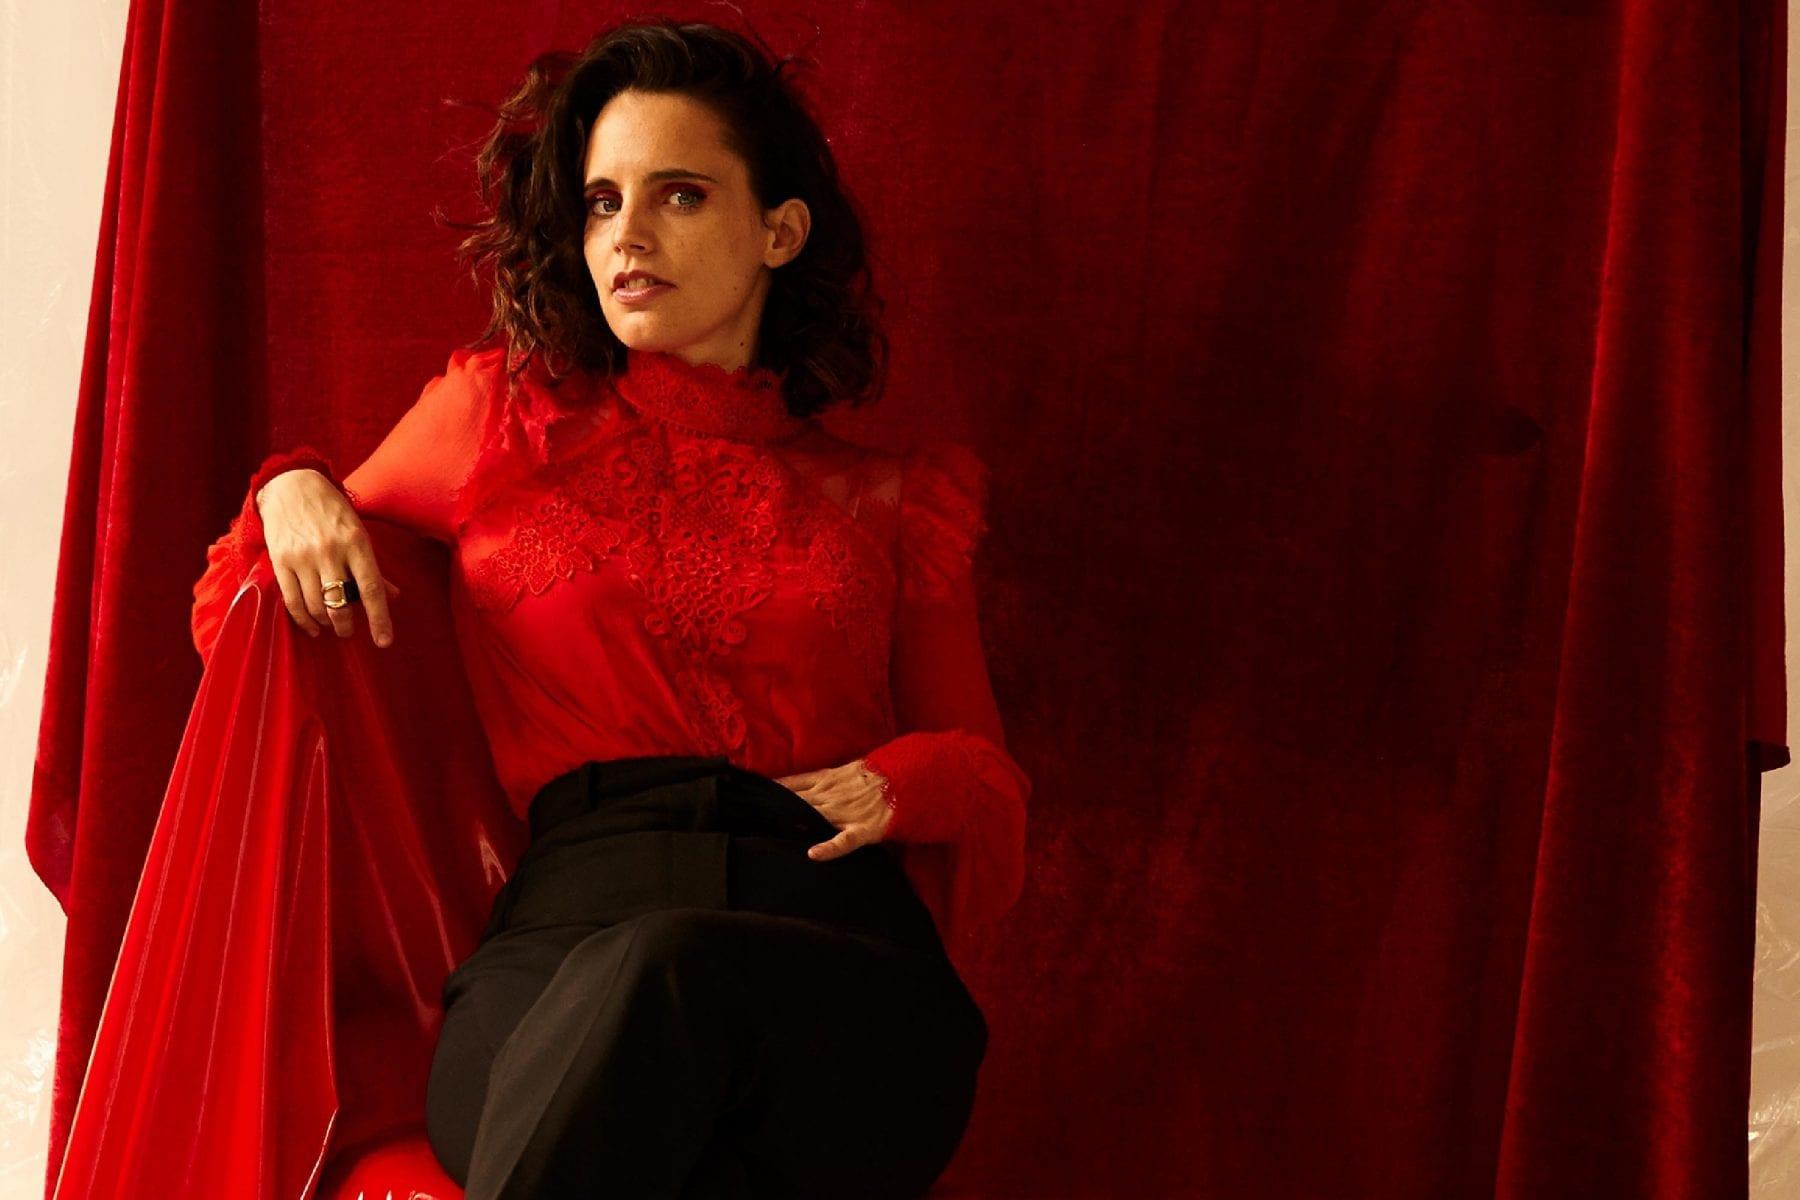 Anna Calvi dressed in red